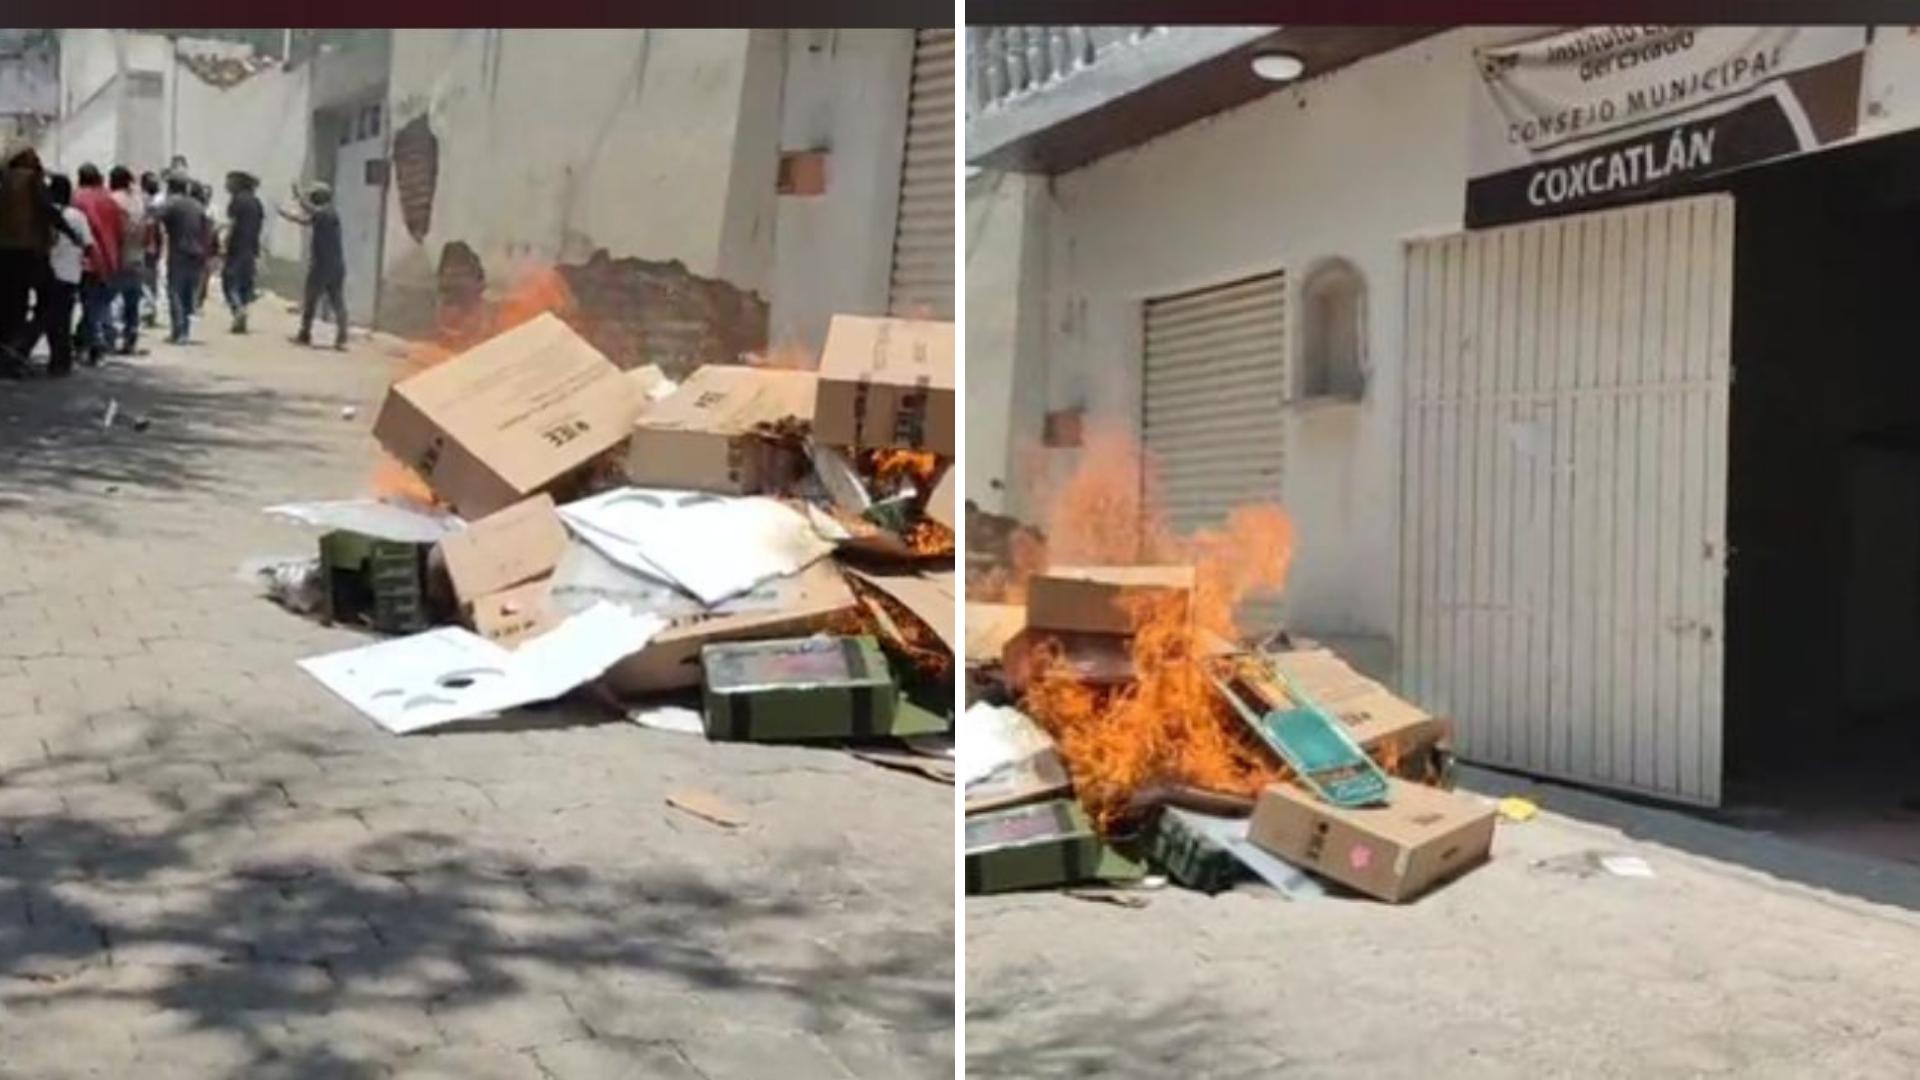 Quema de paquetería electoral en Coxcatlán